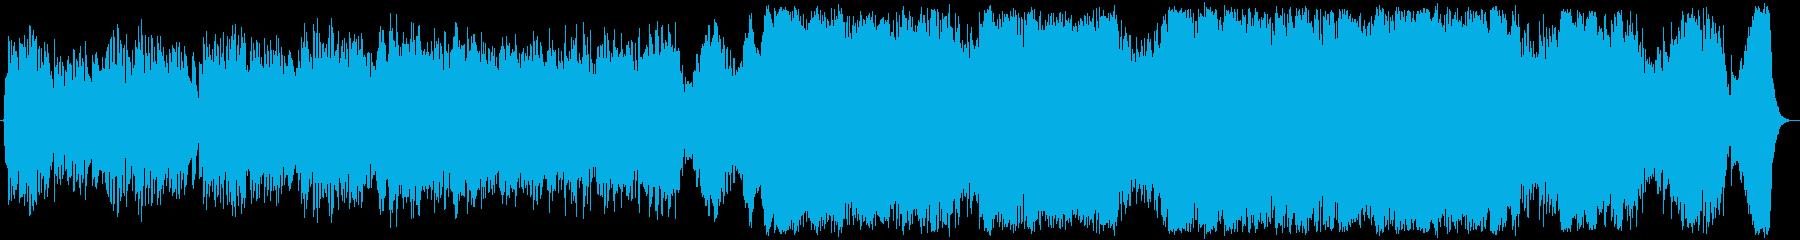 ピアノ協奏曲風の壮大なバラードの再生済みの波形